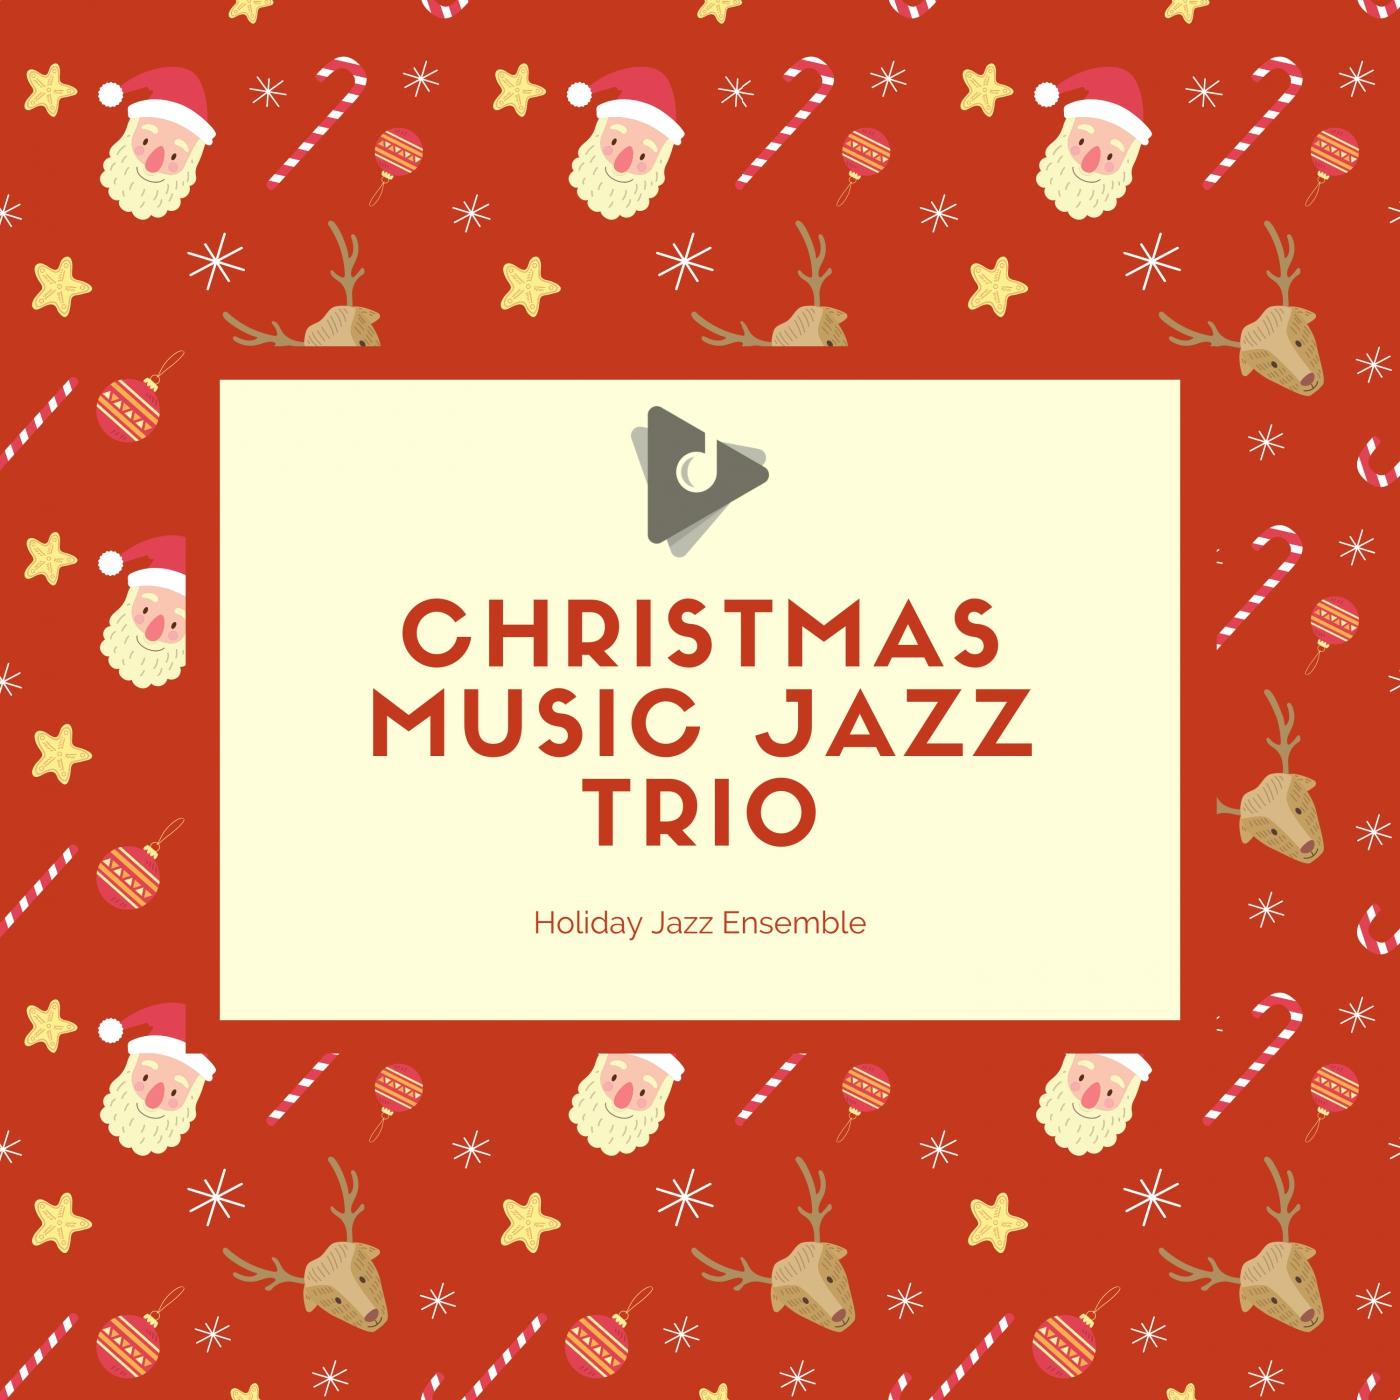 Christmas Music Jazz Trio